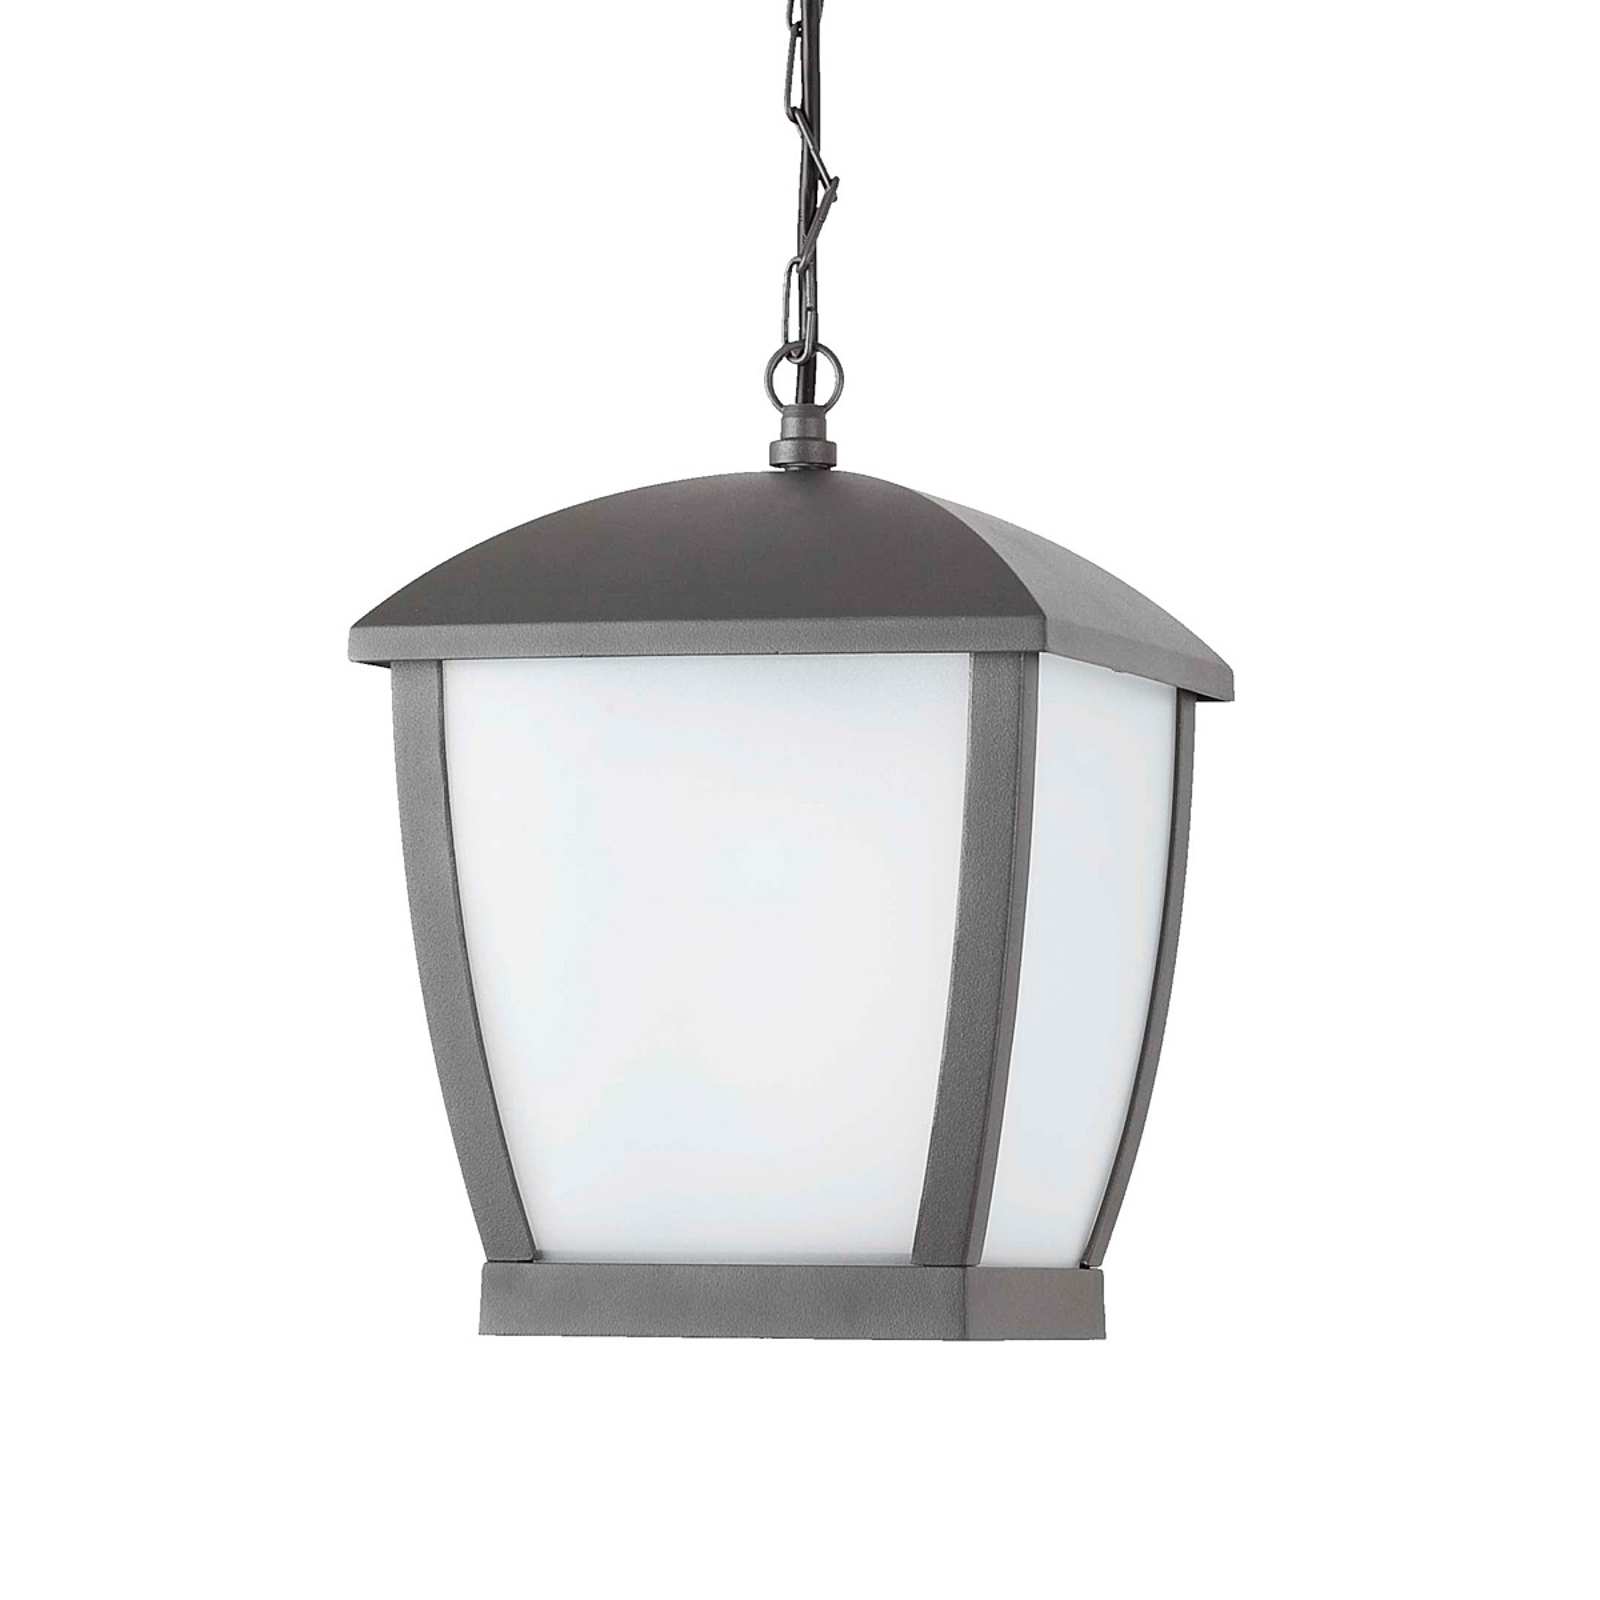 Stylowa lampa wisząca zewnętrzna Wilma